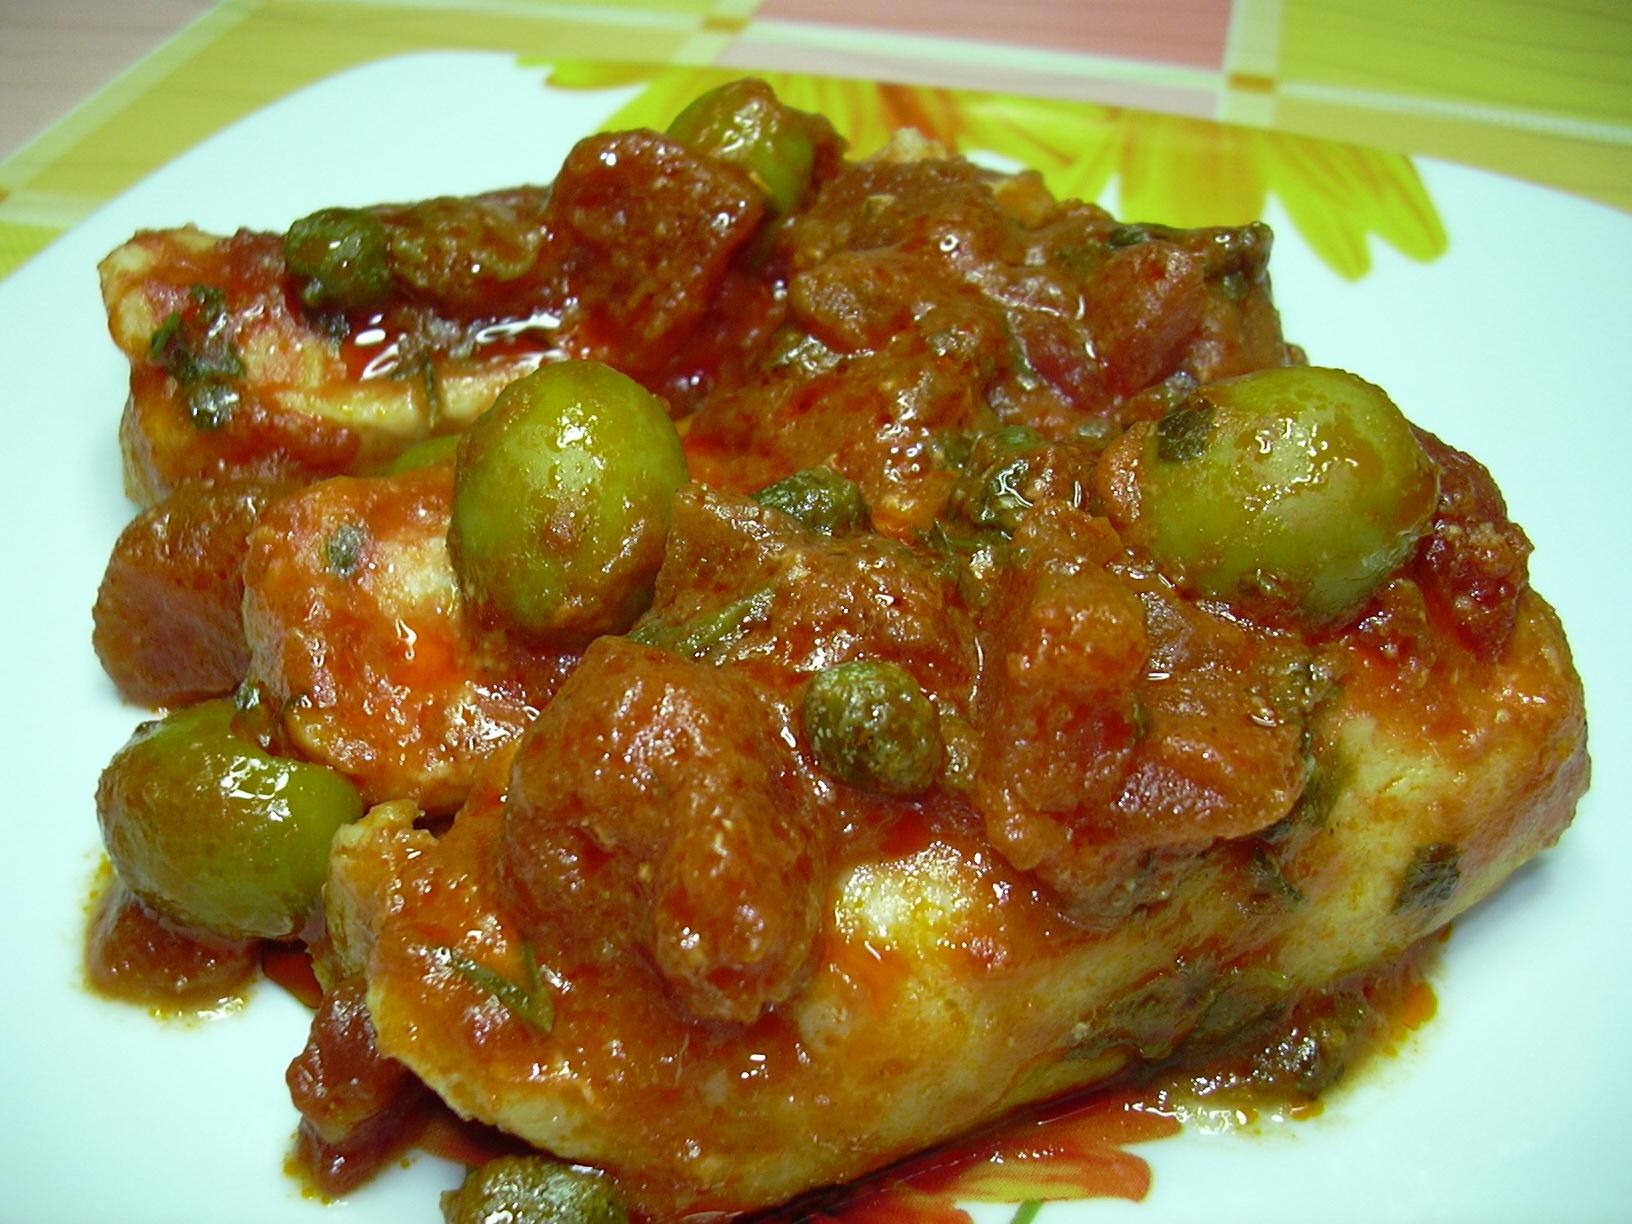 filetti di merluzzo con capperi e olive verdi | ricette veloci di ... - Cucinare Filetto Di Merluzzo